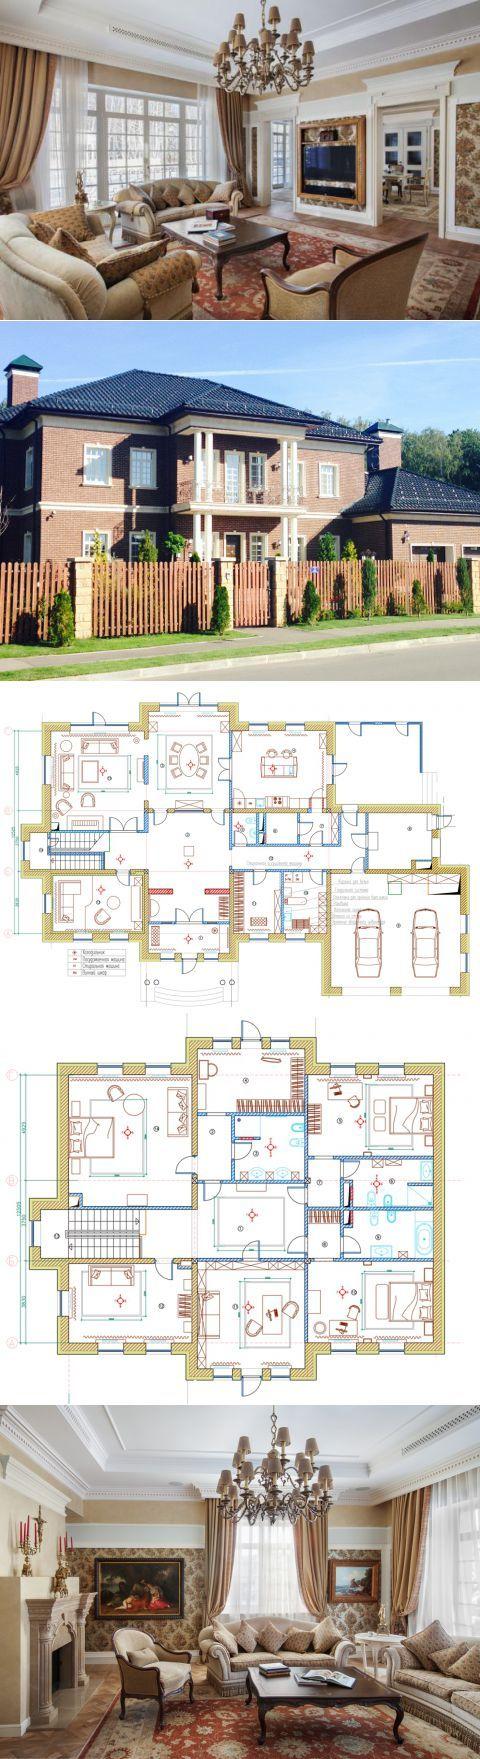 Классический интерьер для коттеджа: 450 кв. м для двоих